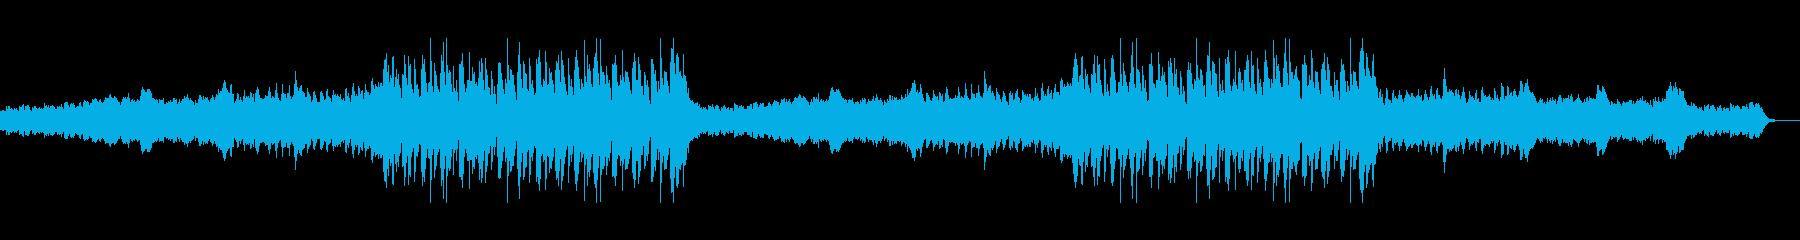 静かな感じから躍動的になるオーケストラの再生済みの波形